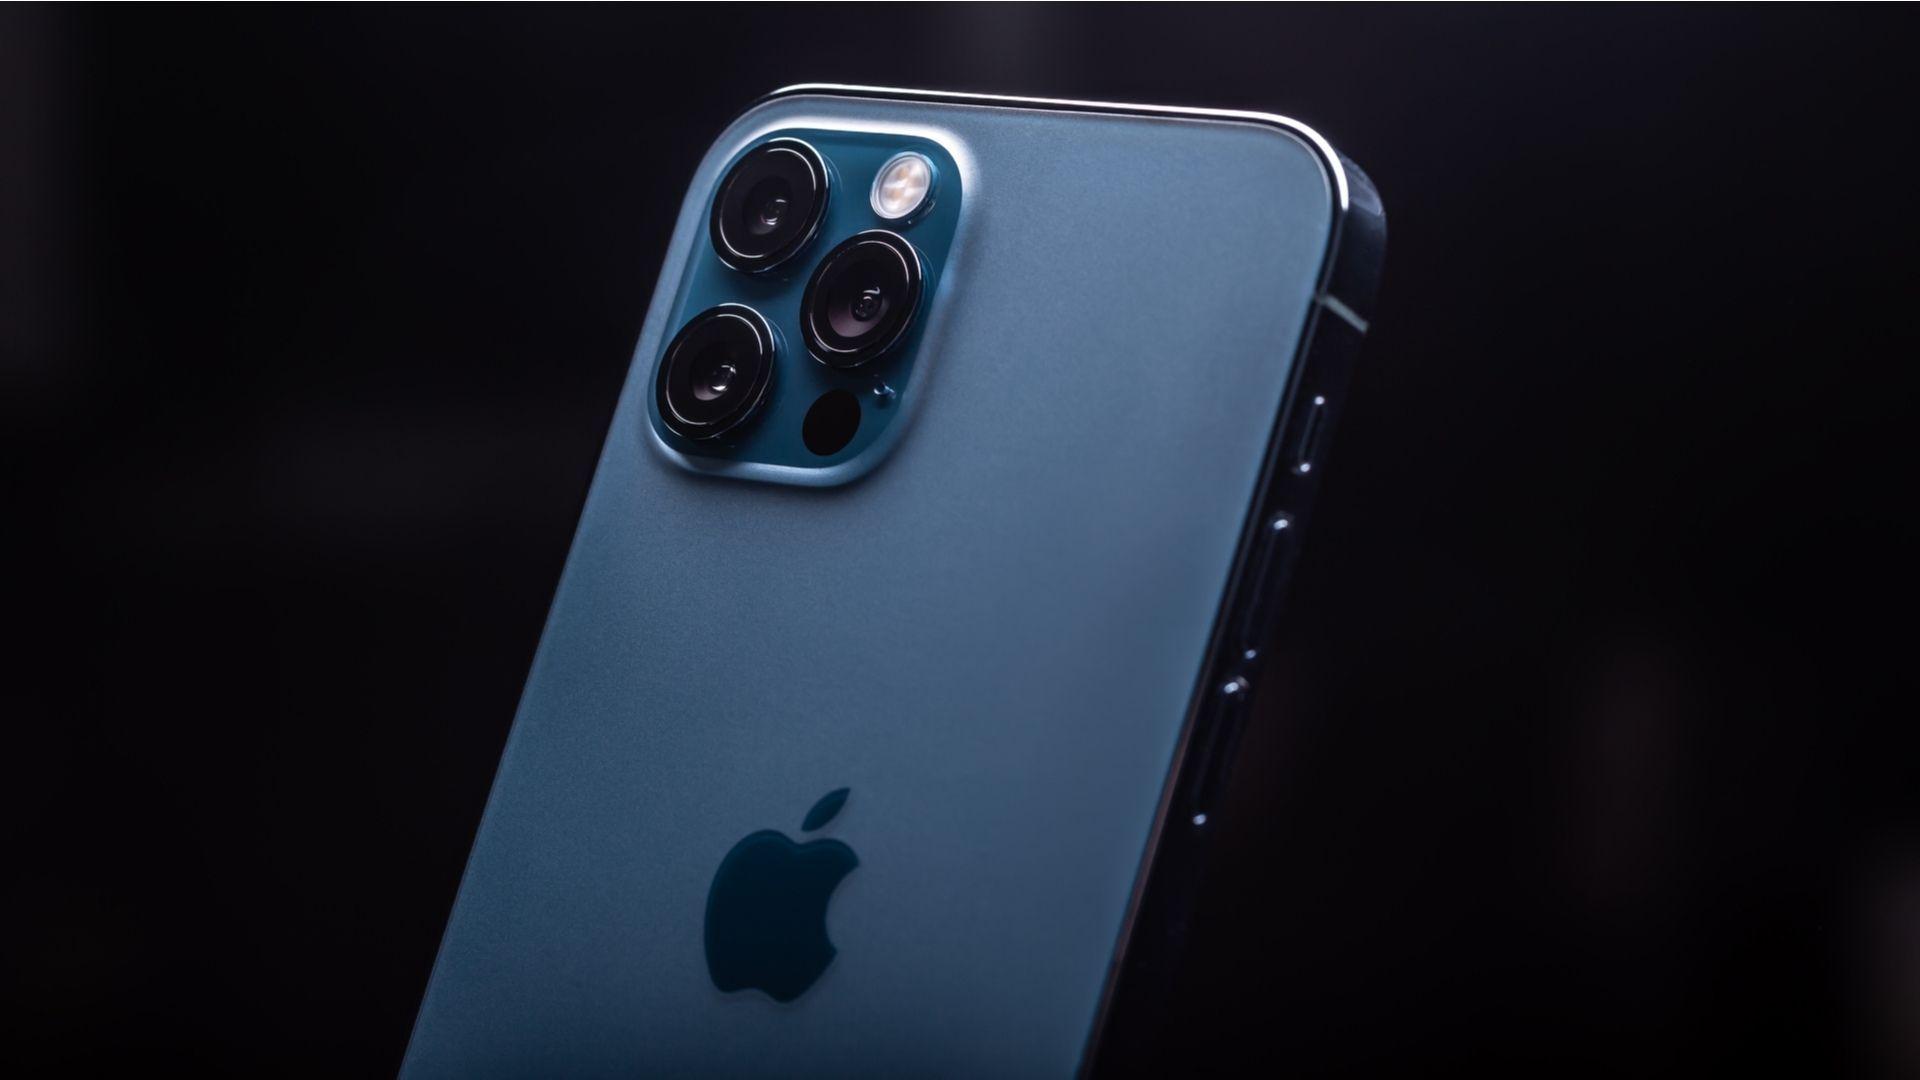 Câmera iPhone 12 Pro Max | Foto: Shutterstock